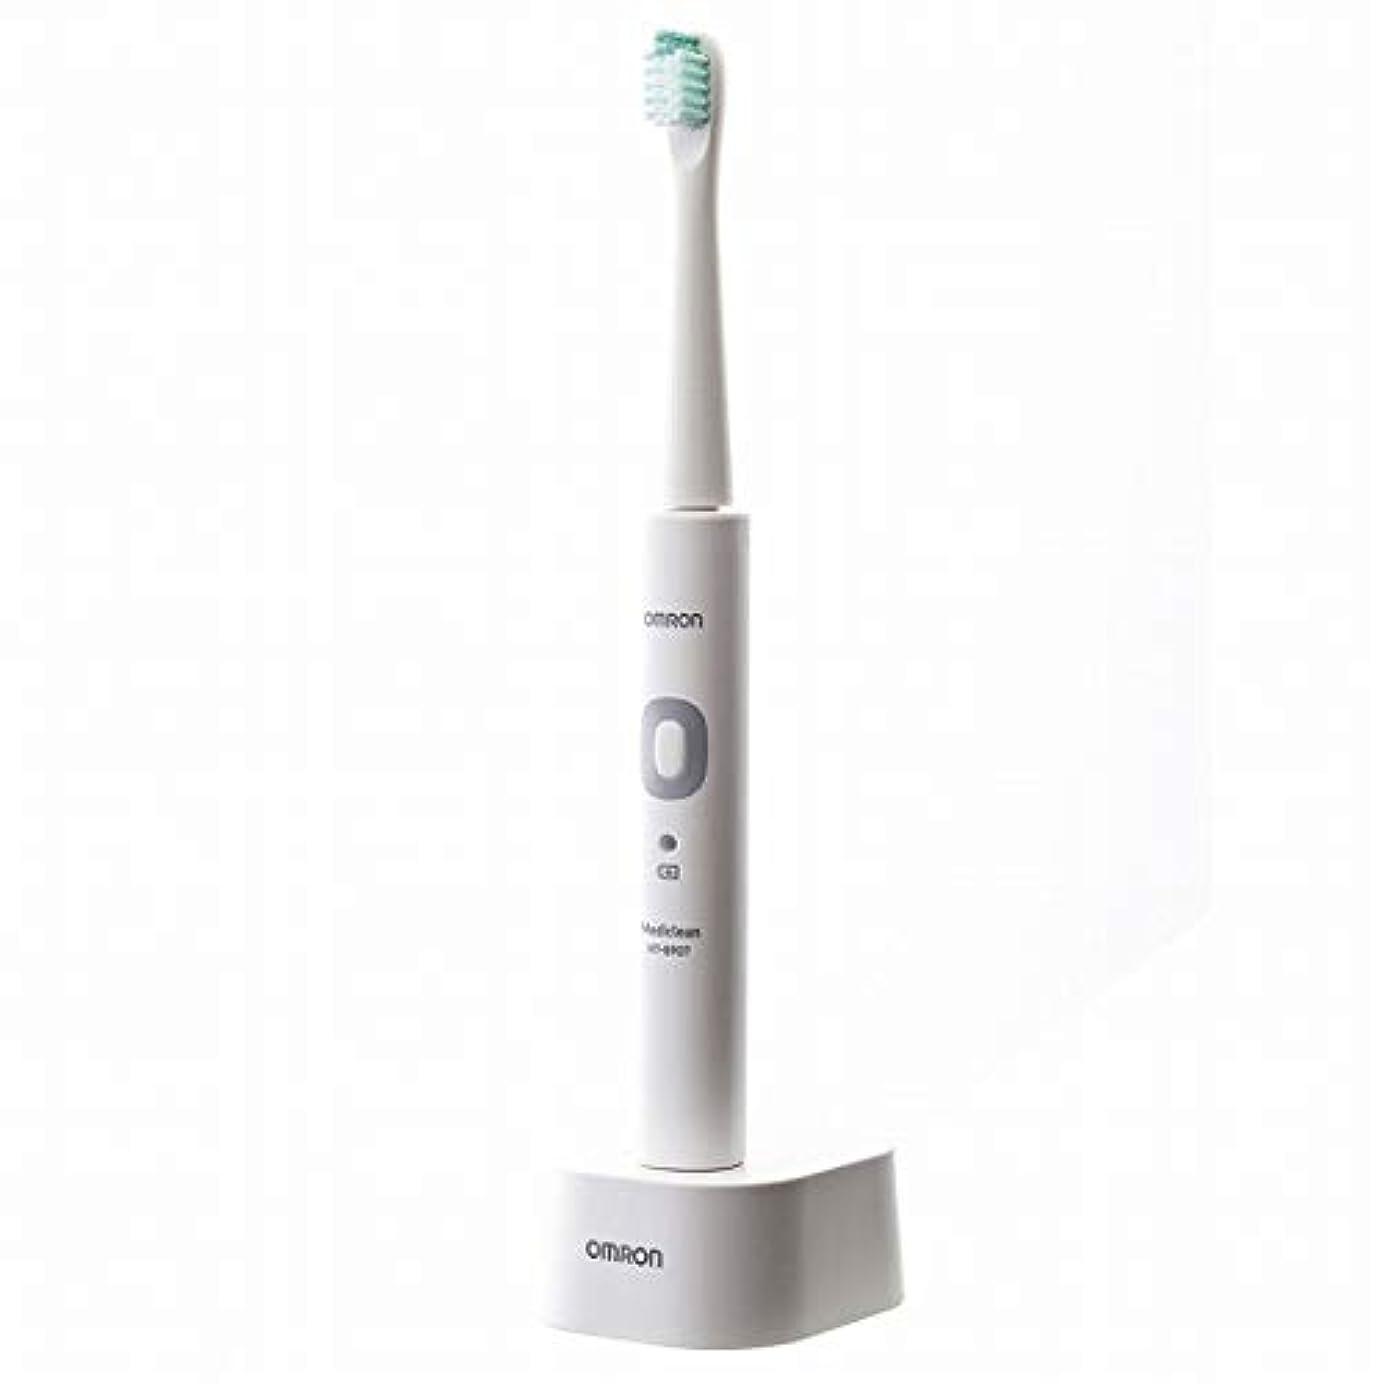 に対して強調ジャンピングジャックOMRON オムロン 音波式電動歯ブラシ メディクリーン